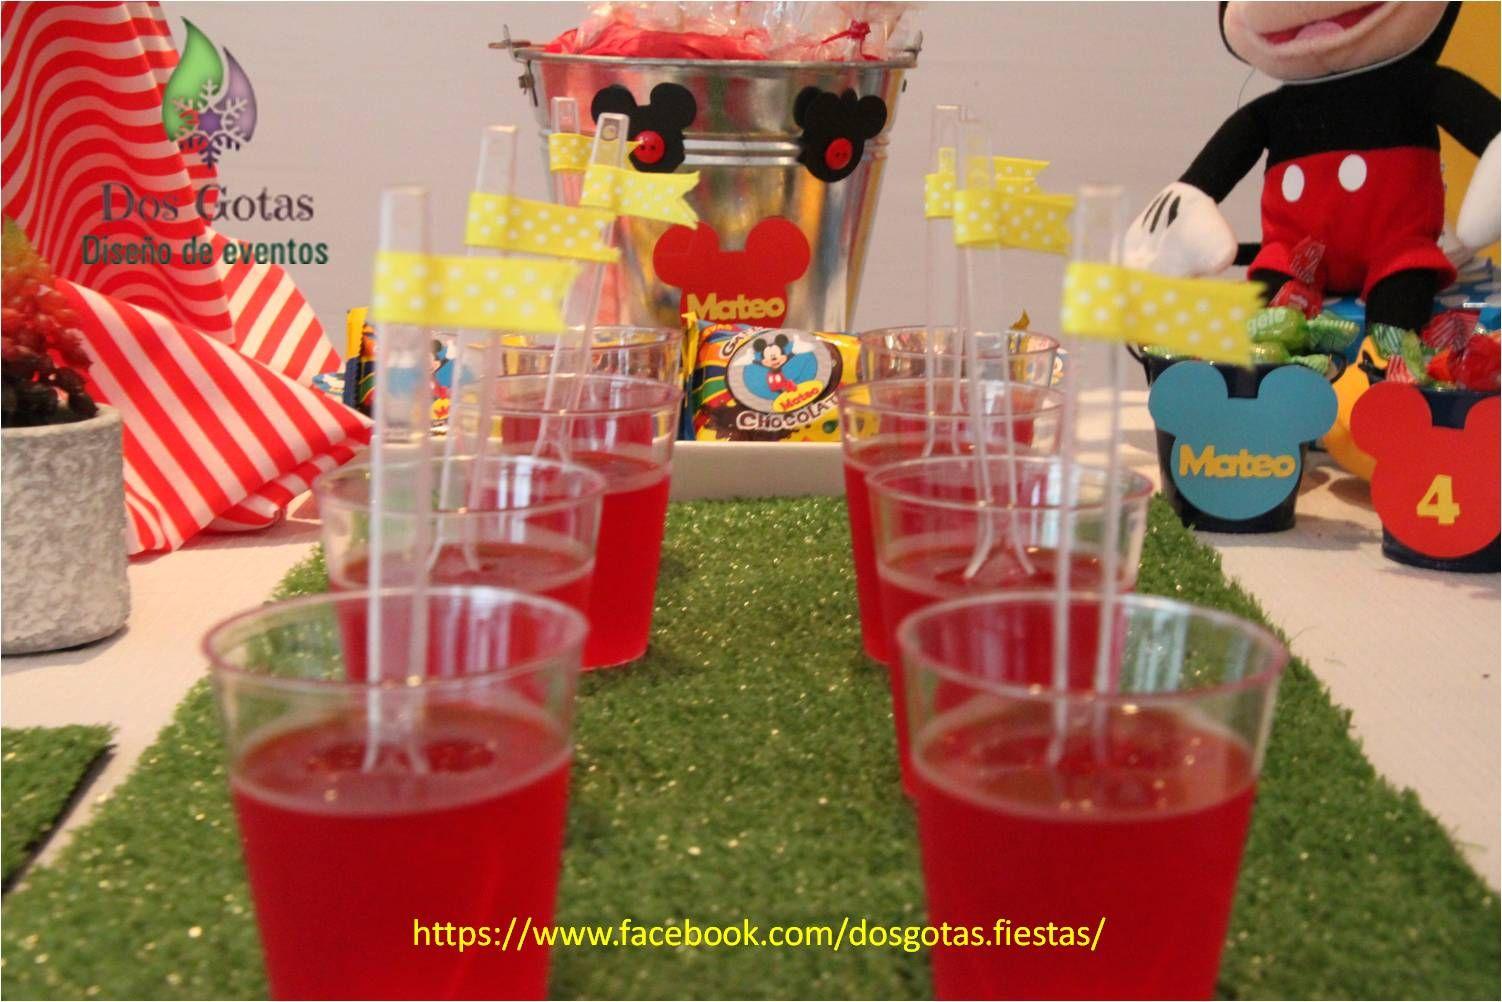 Mesa Temática Mickey Mouse Clubhouse. Por Dos Gotas-Diseño de Eventos  https://www.facebook.com/dosgotas.fiestas/